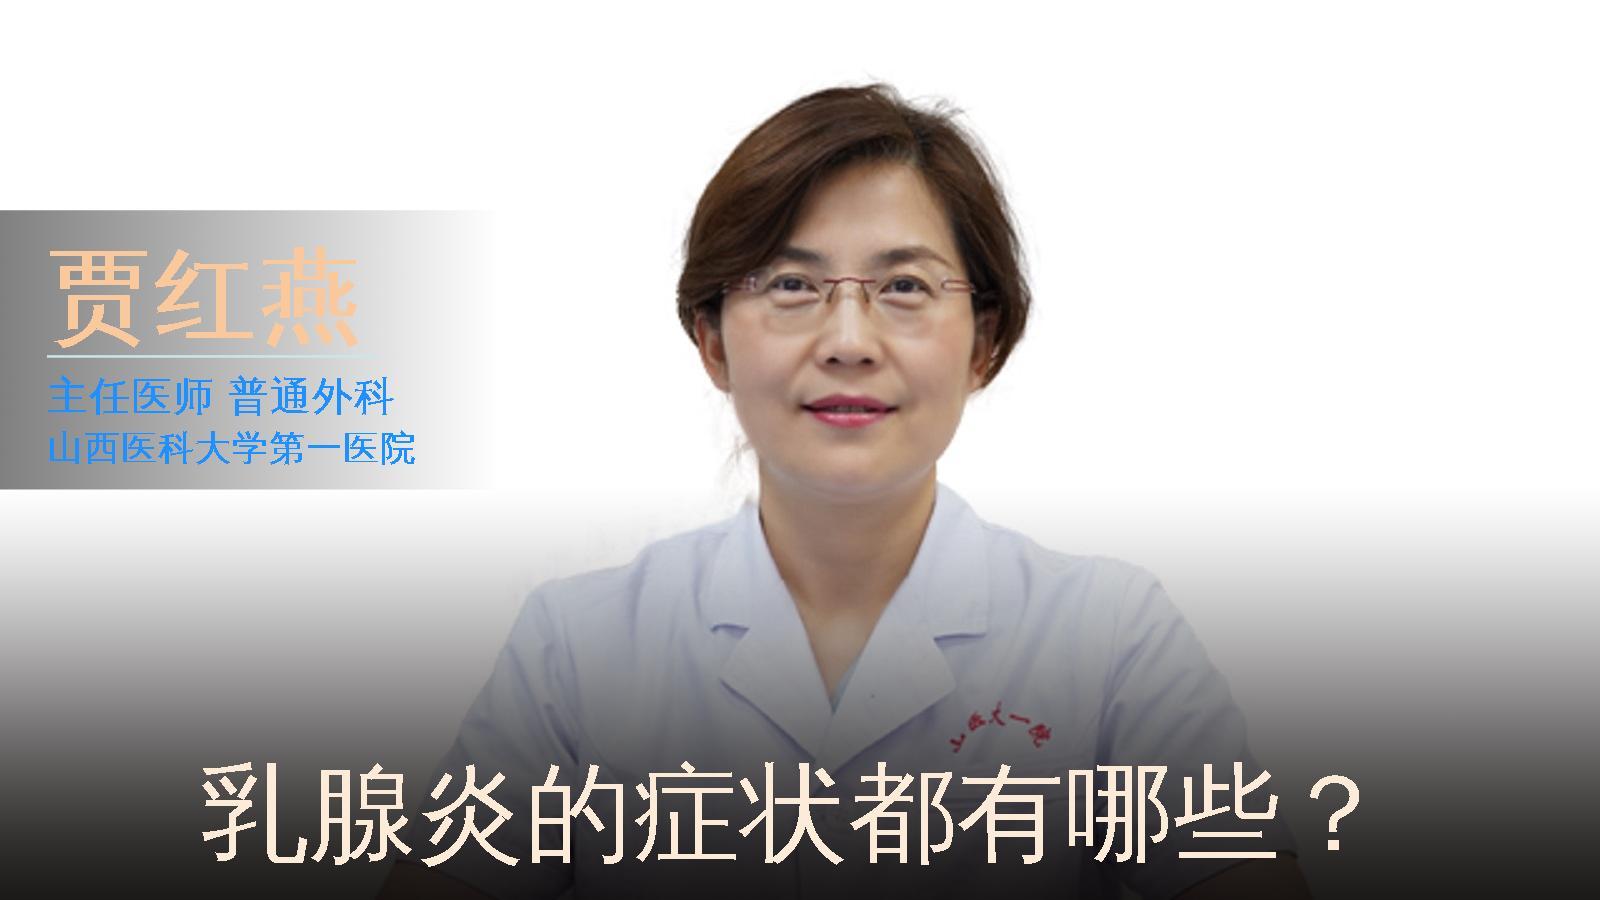 乳腺炎的症状都有哪些?